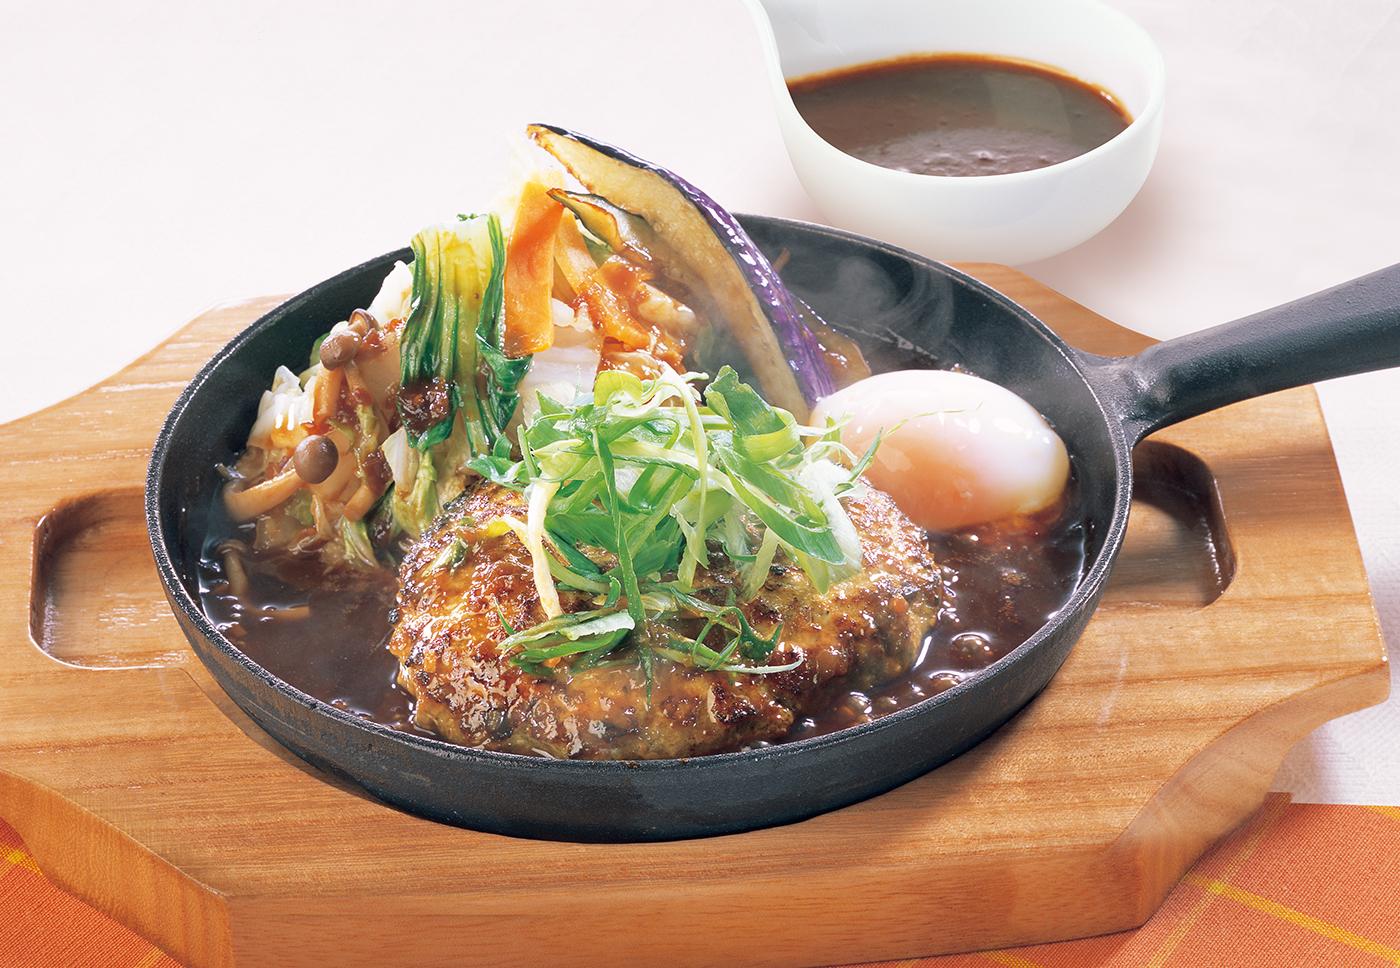 ココス プレミアムハンバーグ 鍋スタイル 八丁味噌ソースと温野菜